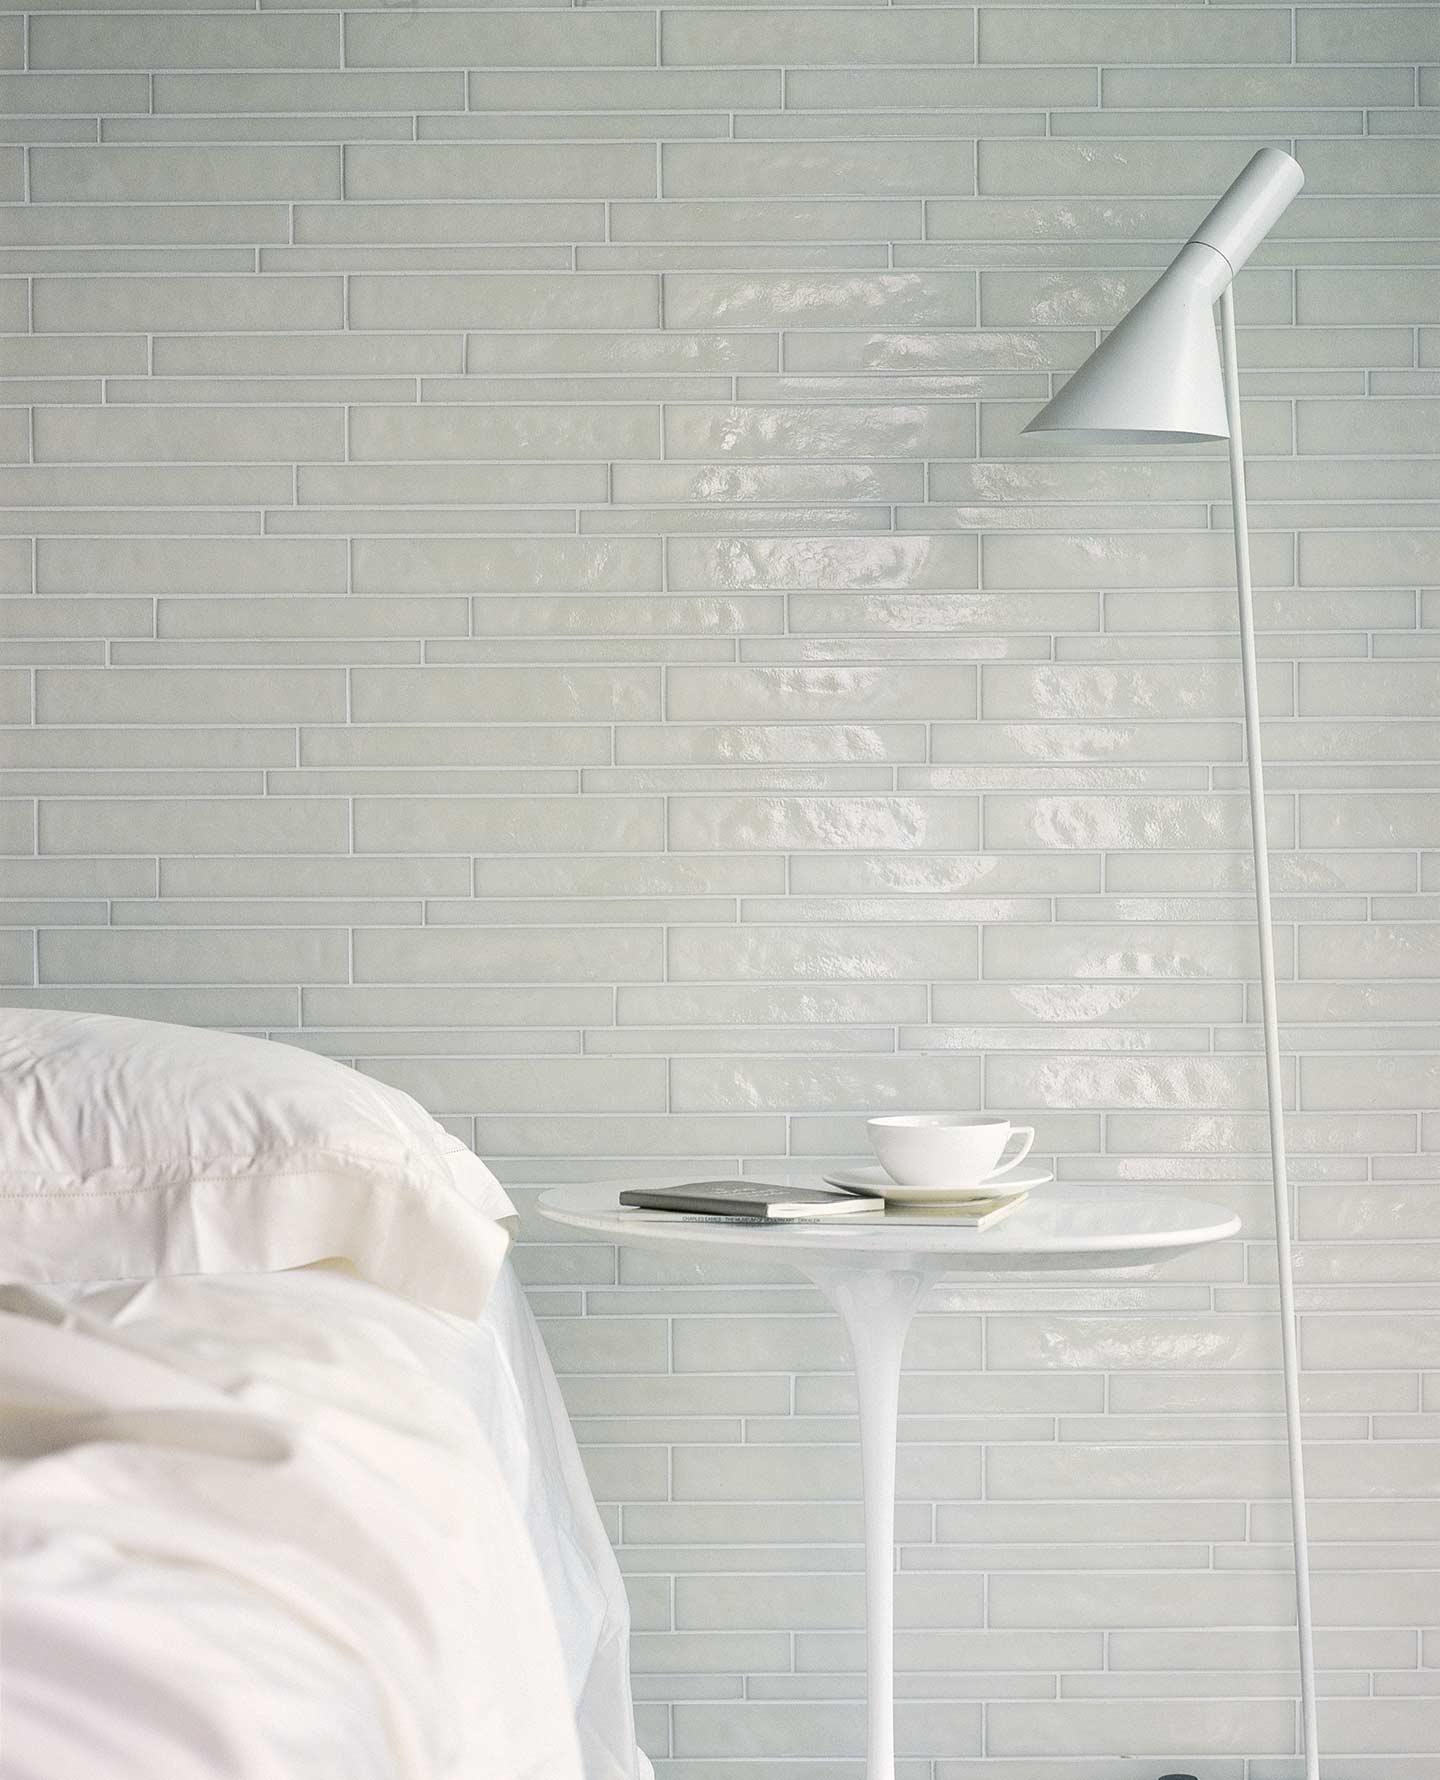 casa dolce casa casamood. Black Bedroom Furniture Sets. Home Design Ideas